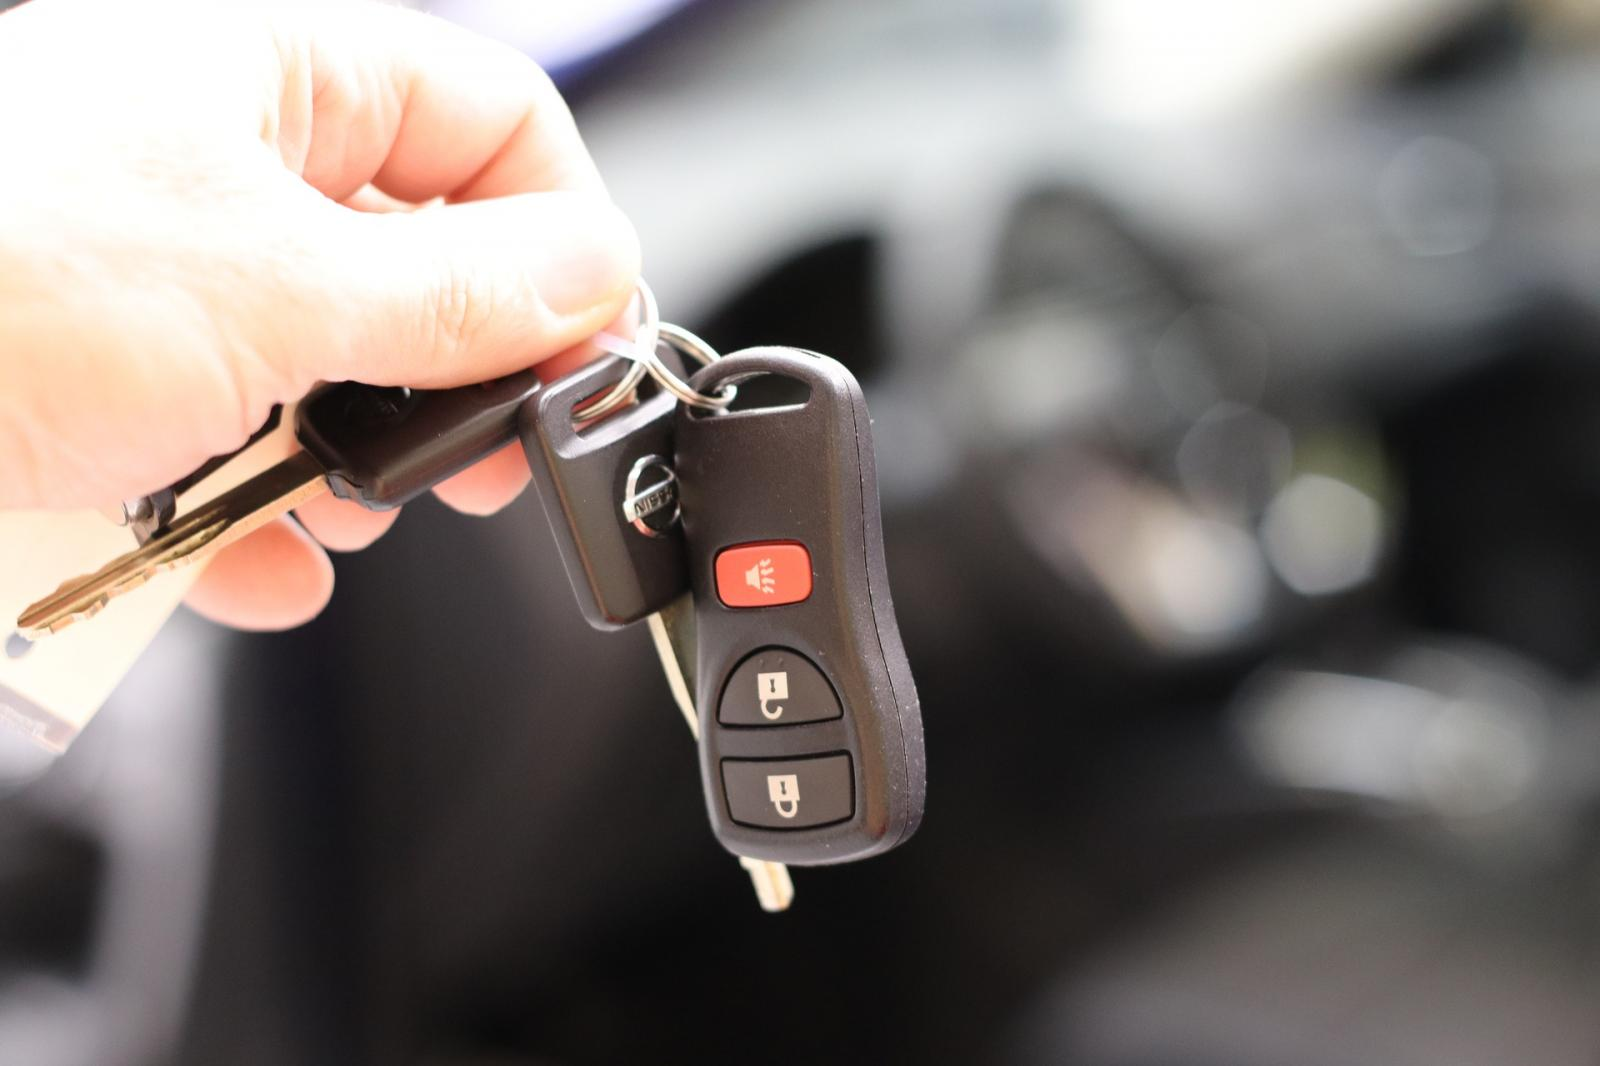 El Buen Fin también incluye ofertas de autos pero hay que ser cuidadosos antes de decidir comprar uno